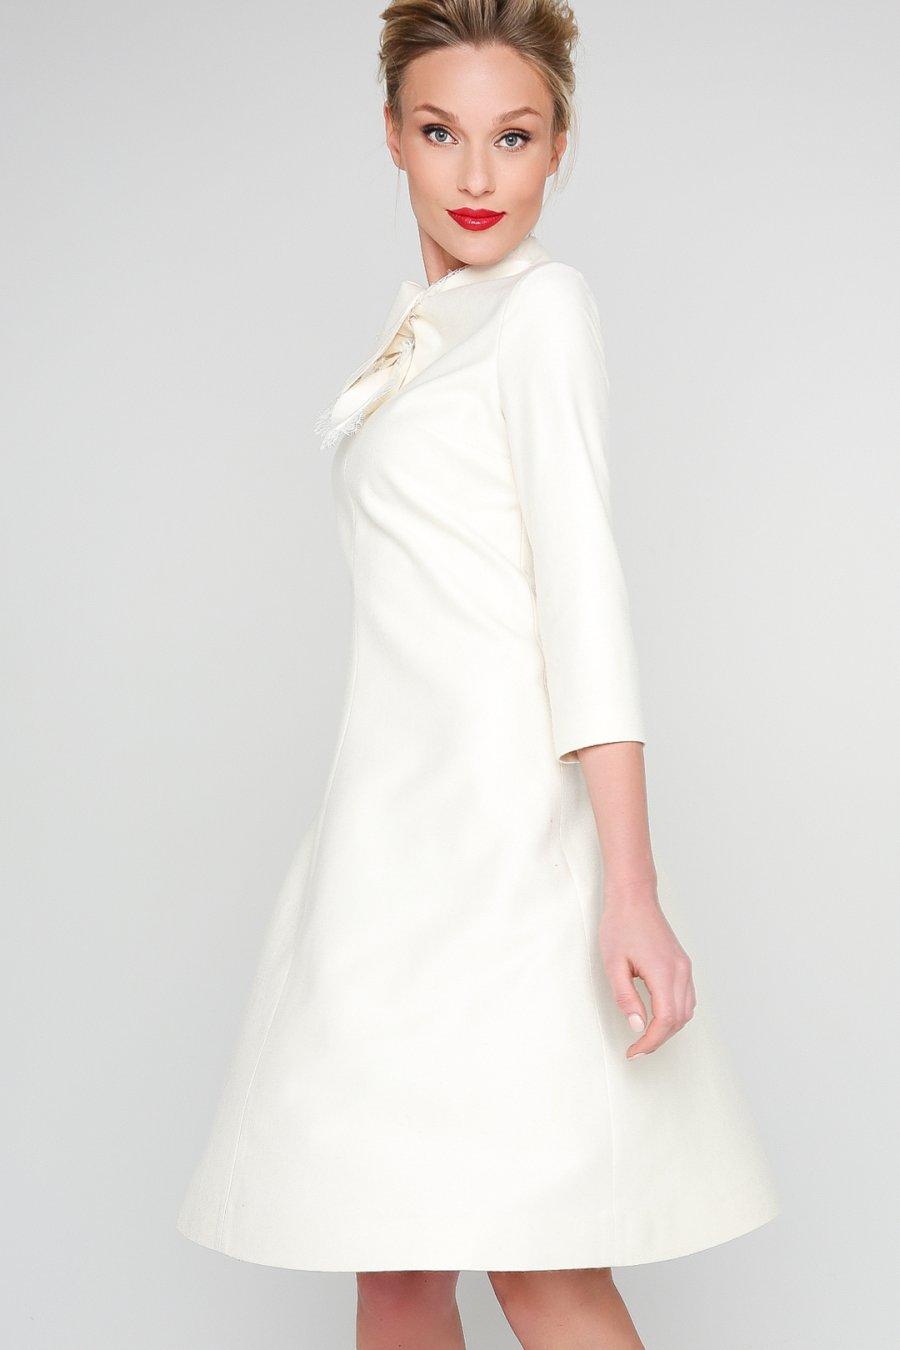 Белое платье А-силуэта с фигурным воротником, декорированным кружевом